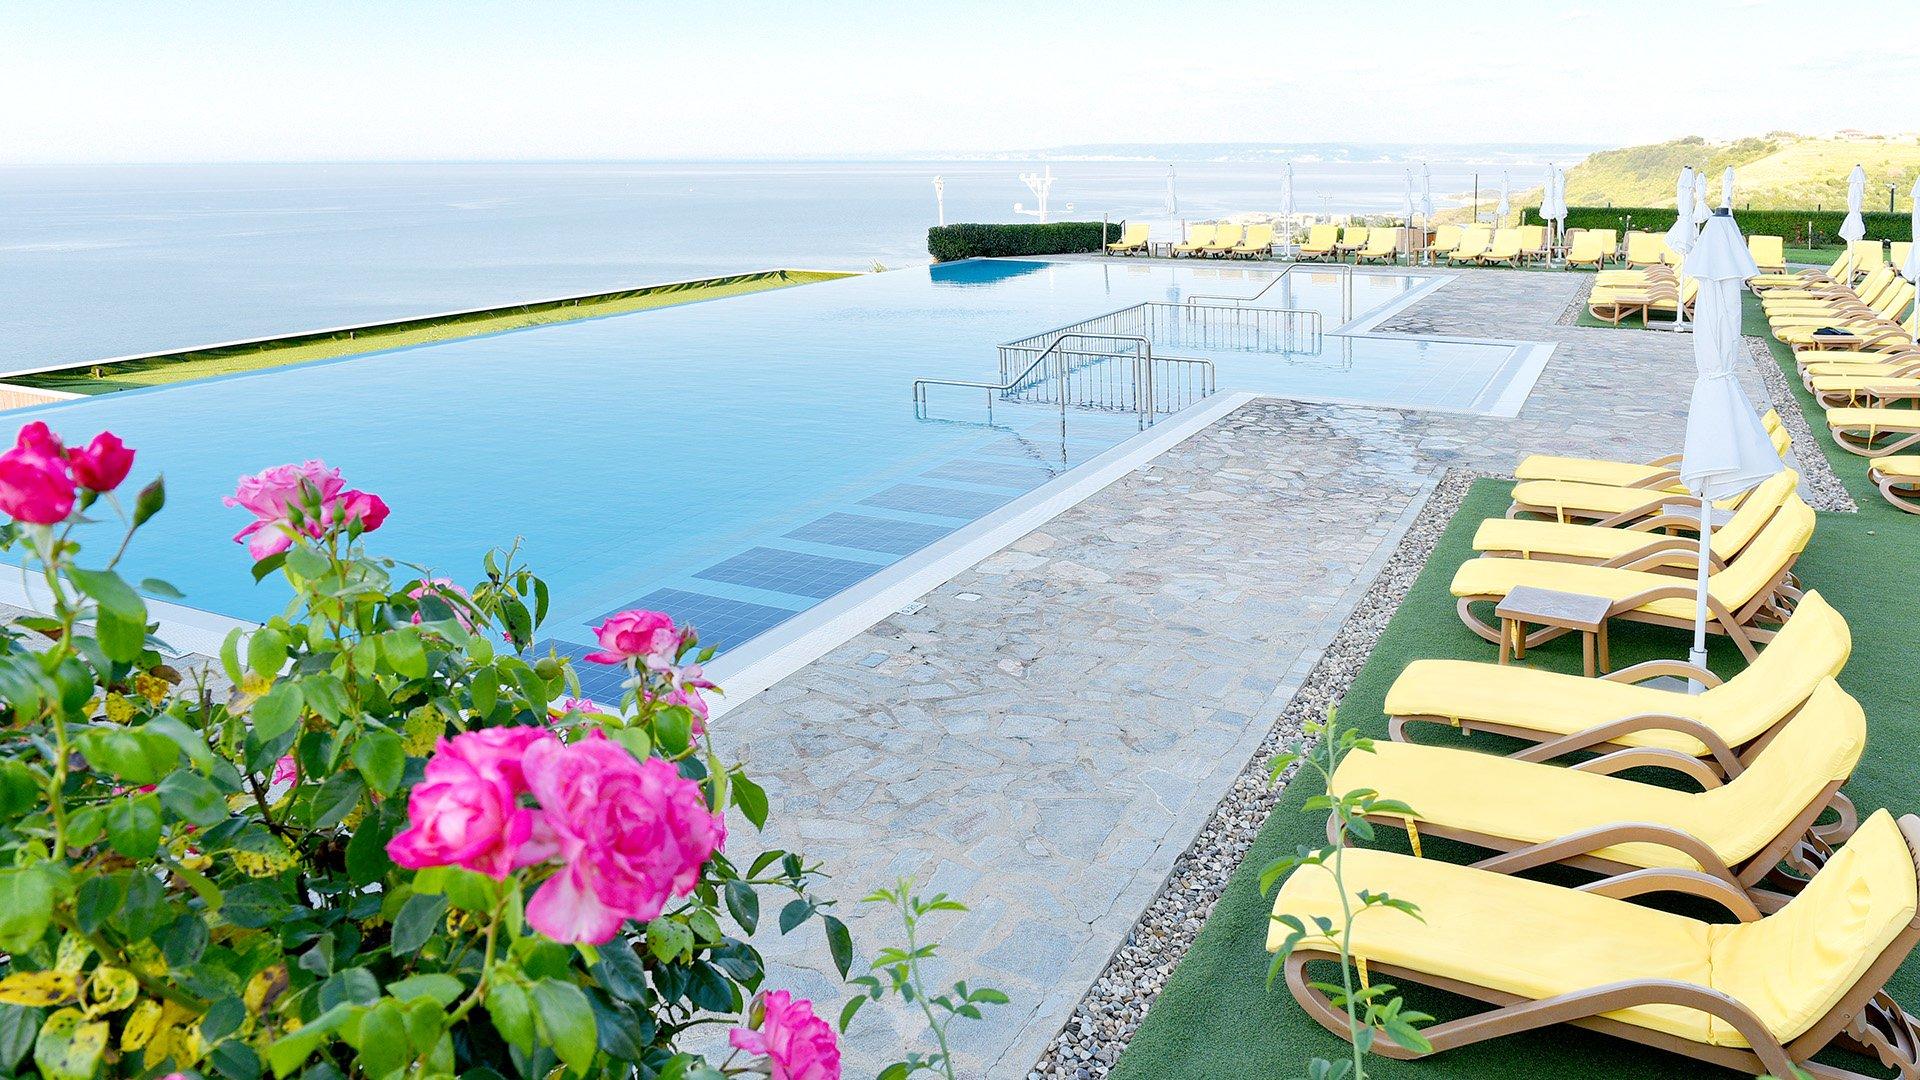 Hotel Topola Skies Resort and Aquapark #5